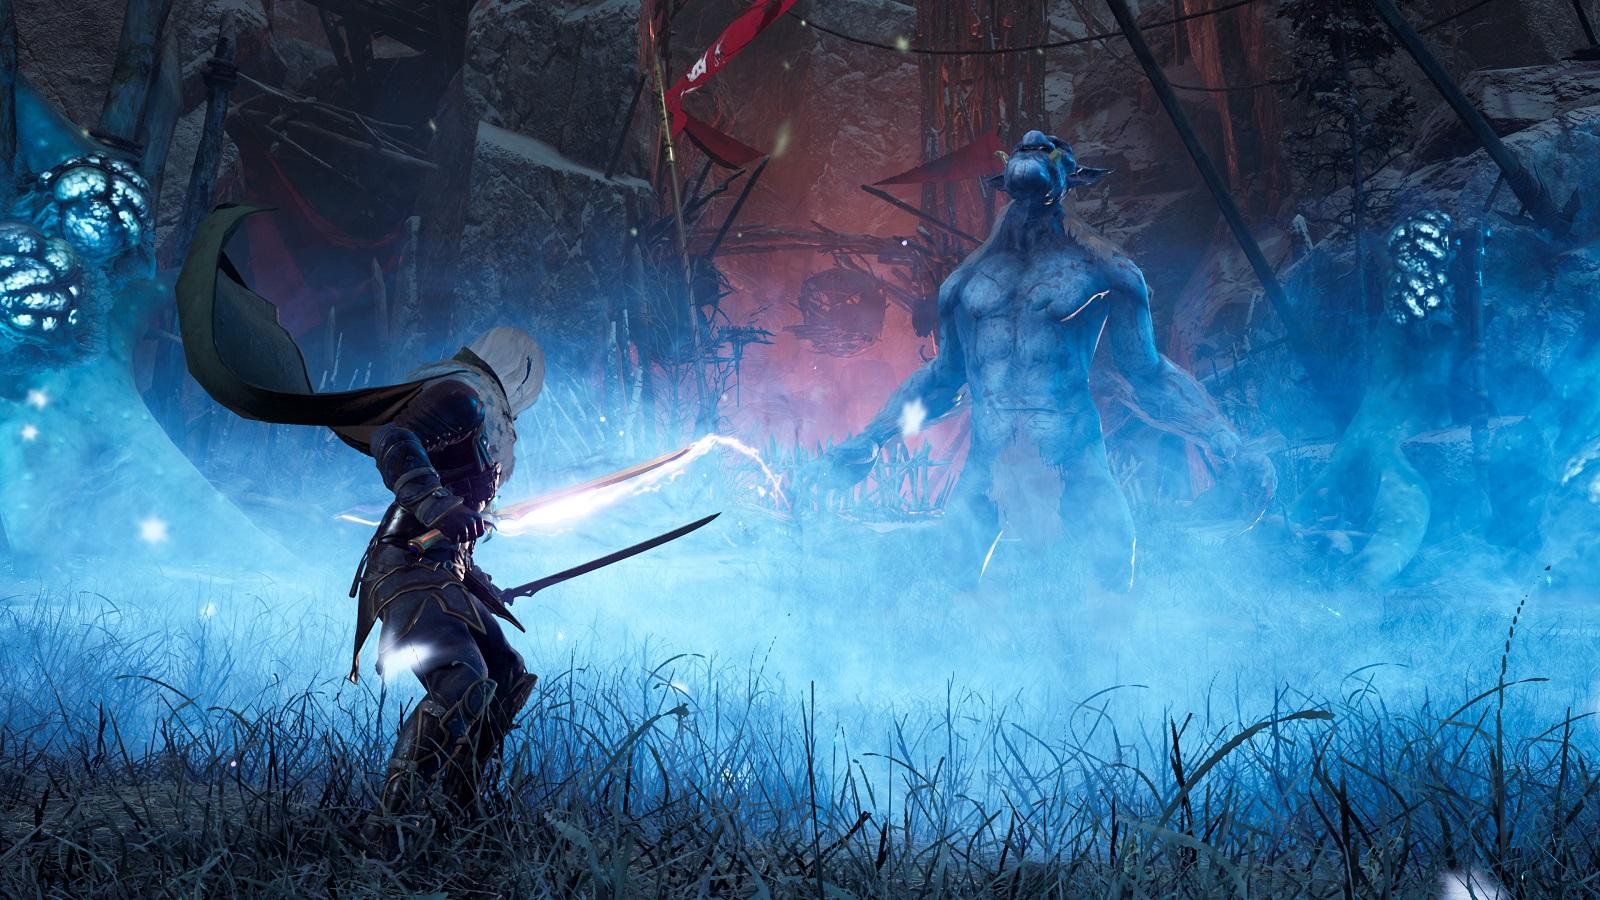 Кооперативный экшен Dungeons & Dragons: Dark Alliance выйдет 22 июня  в Steam стартовали предзаказы